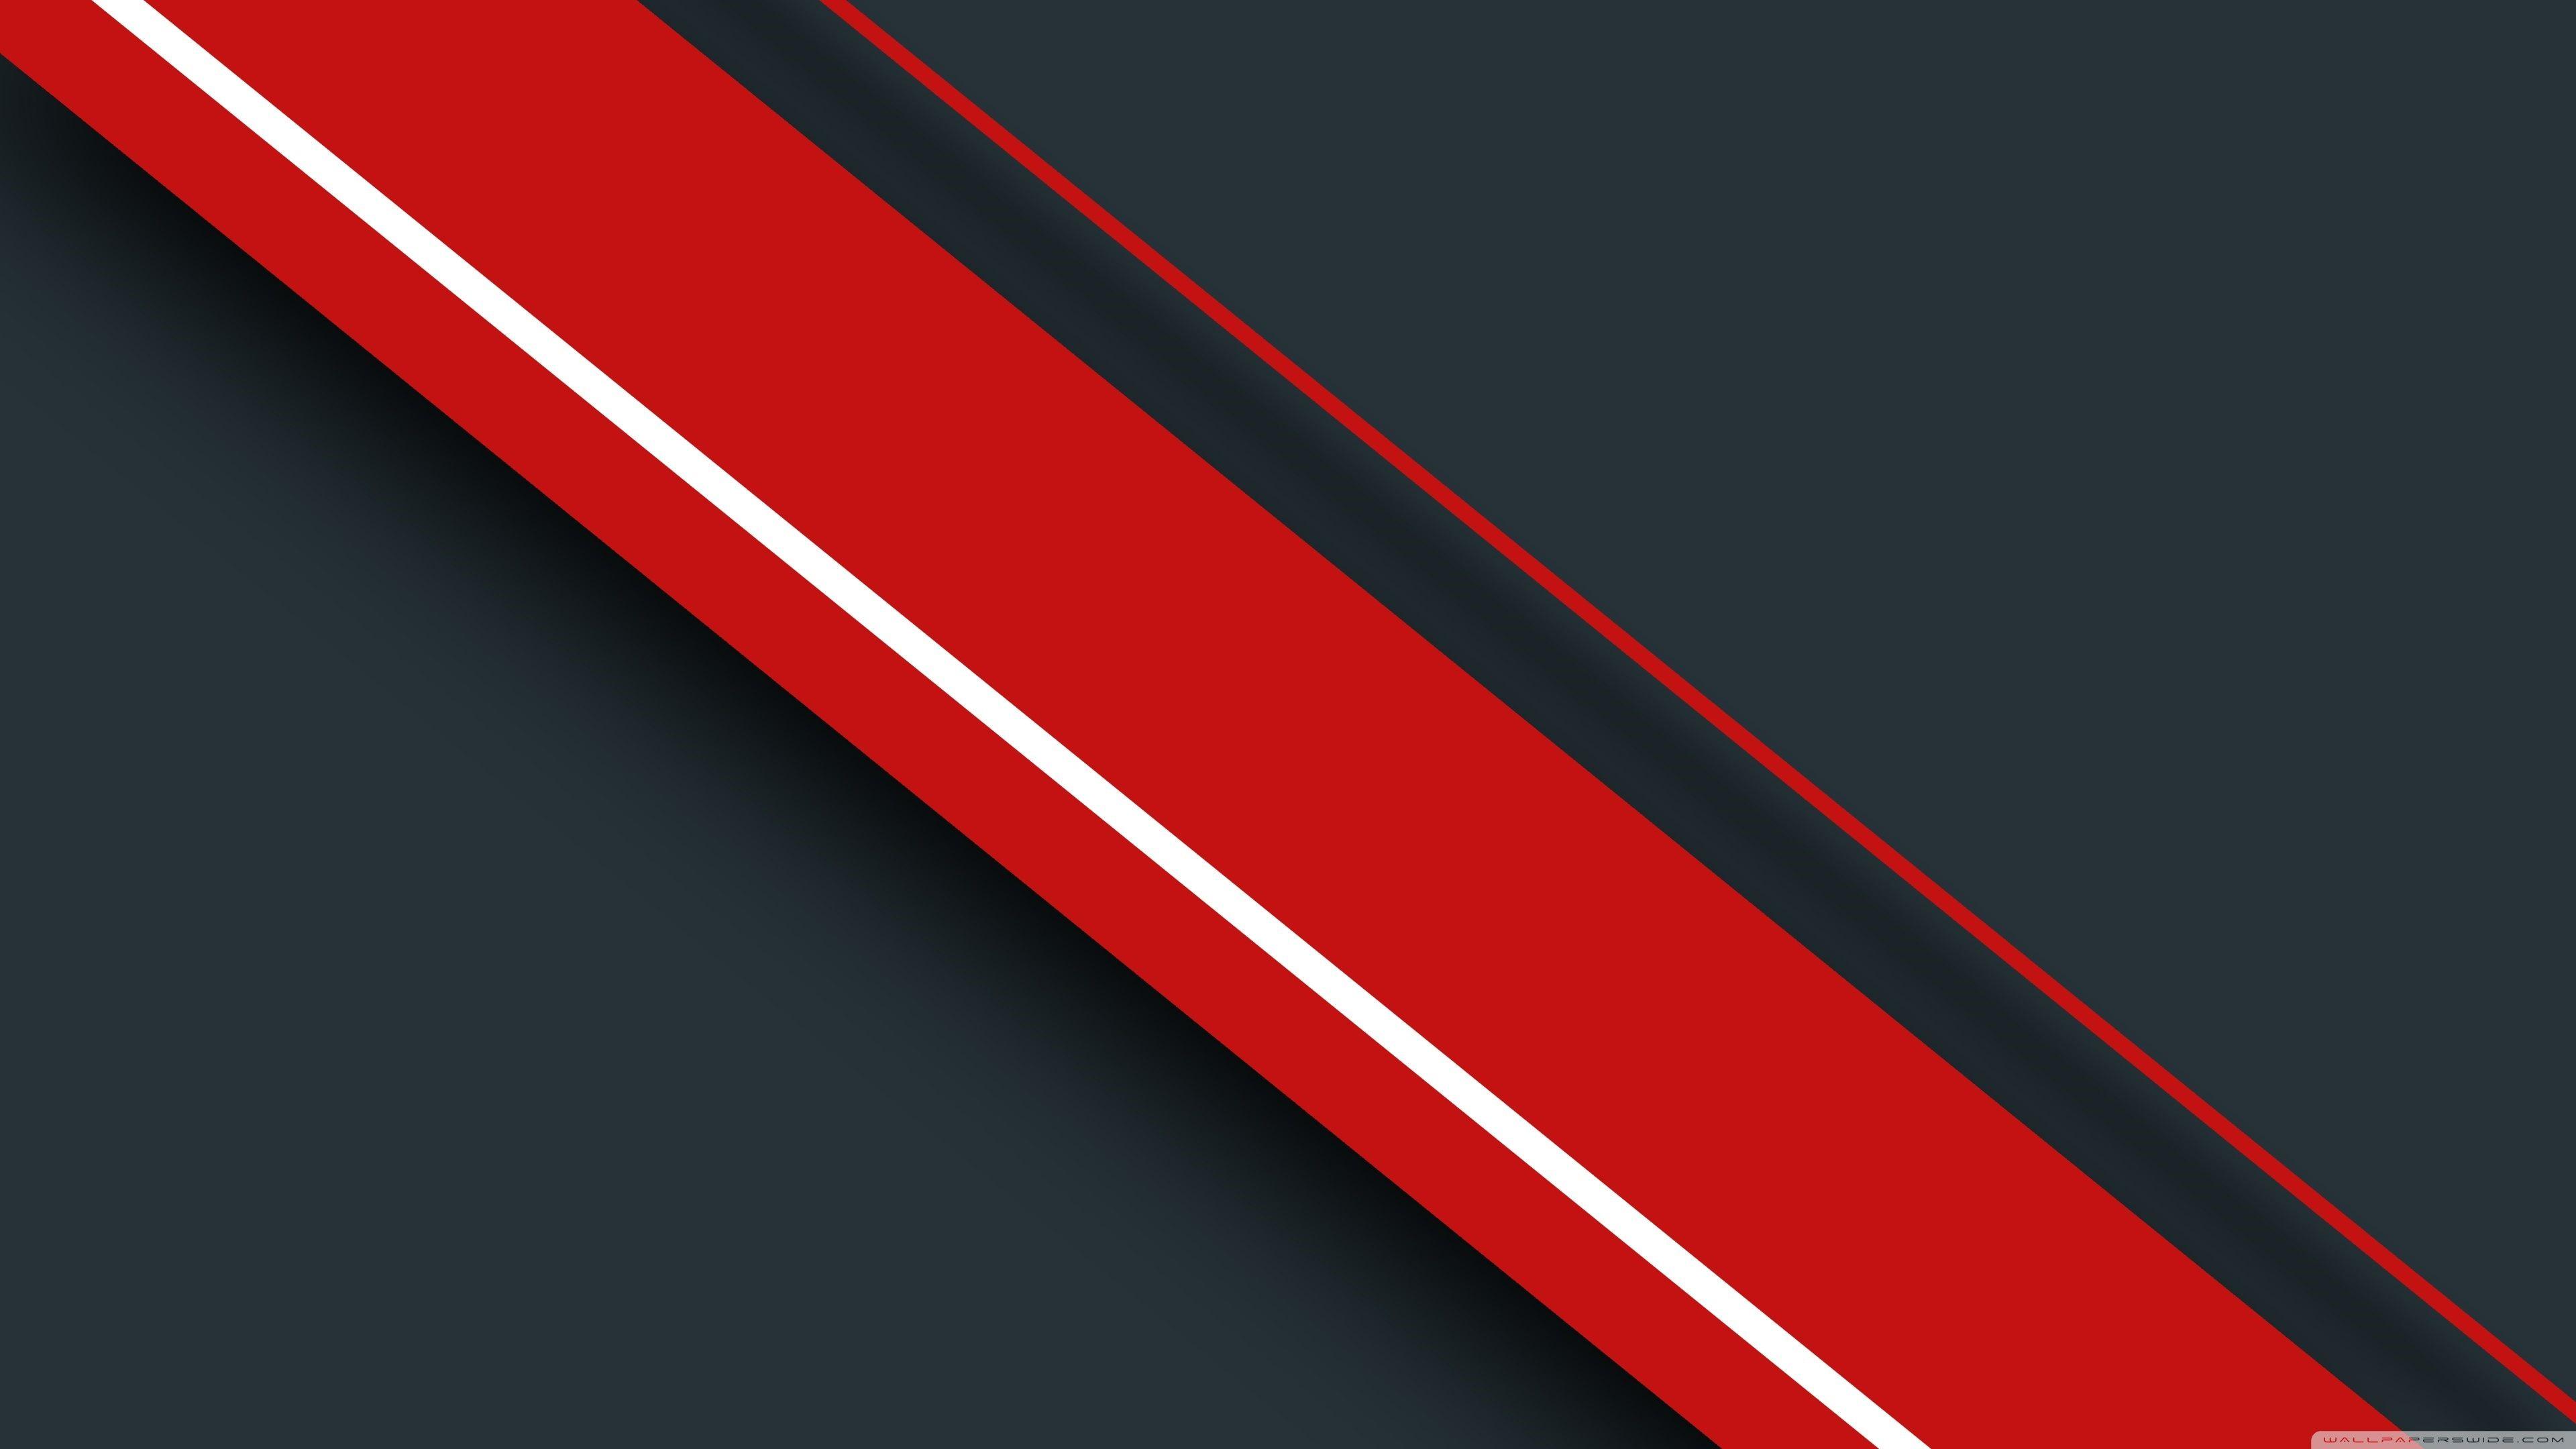 4K Red Windows Background